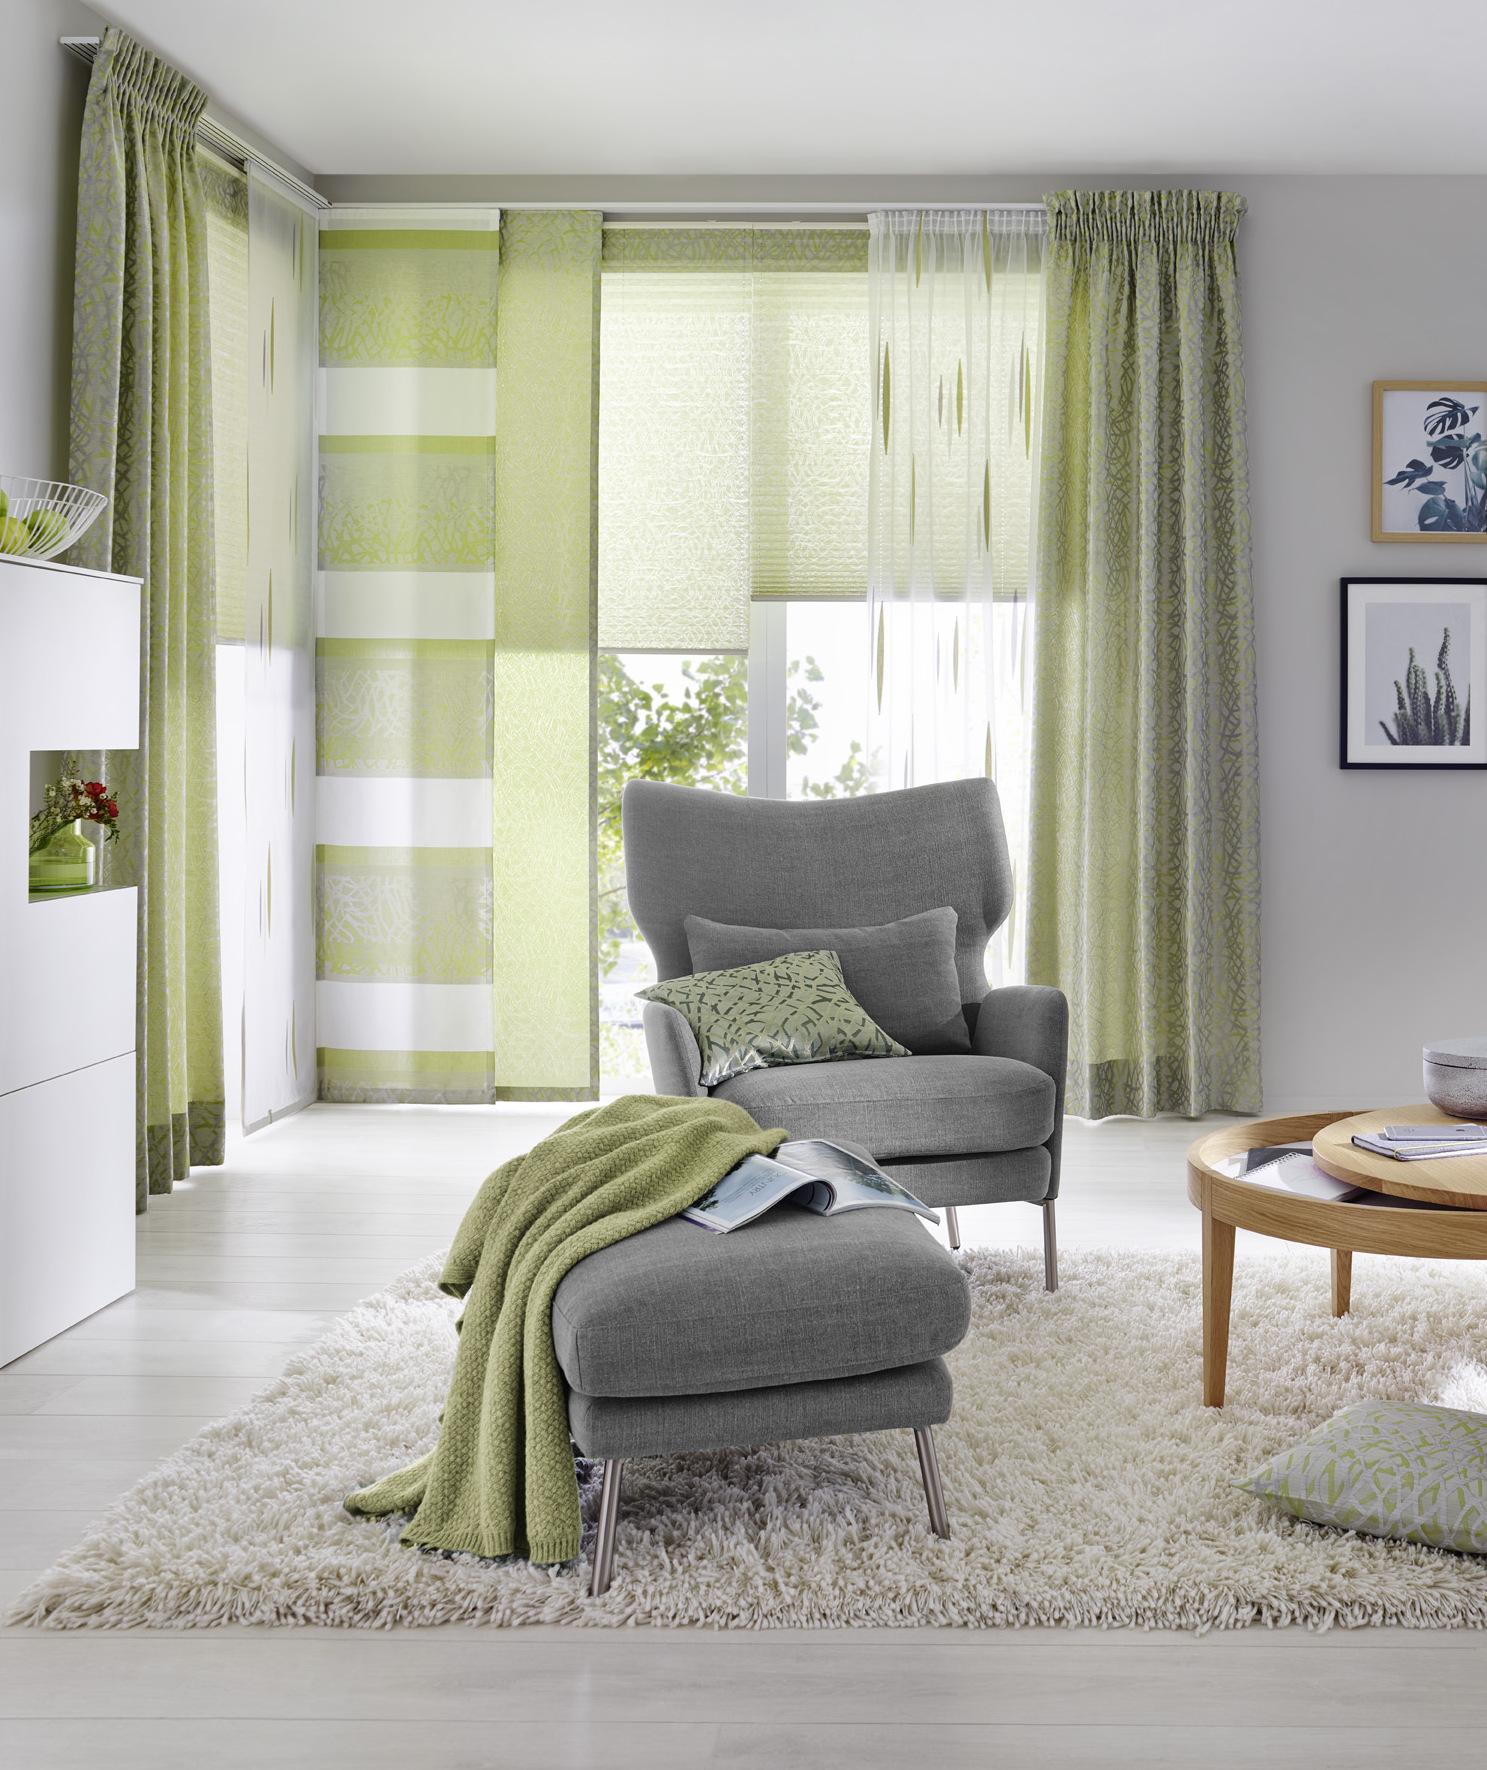 Fenster Gardinen Roller: Schwabacher Gardinenhaus Raumausstattung Kastner